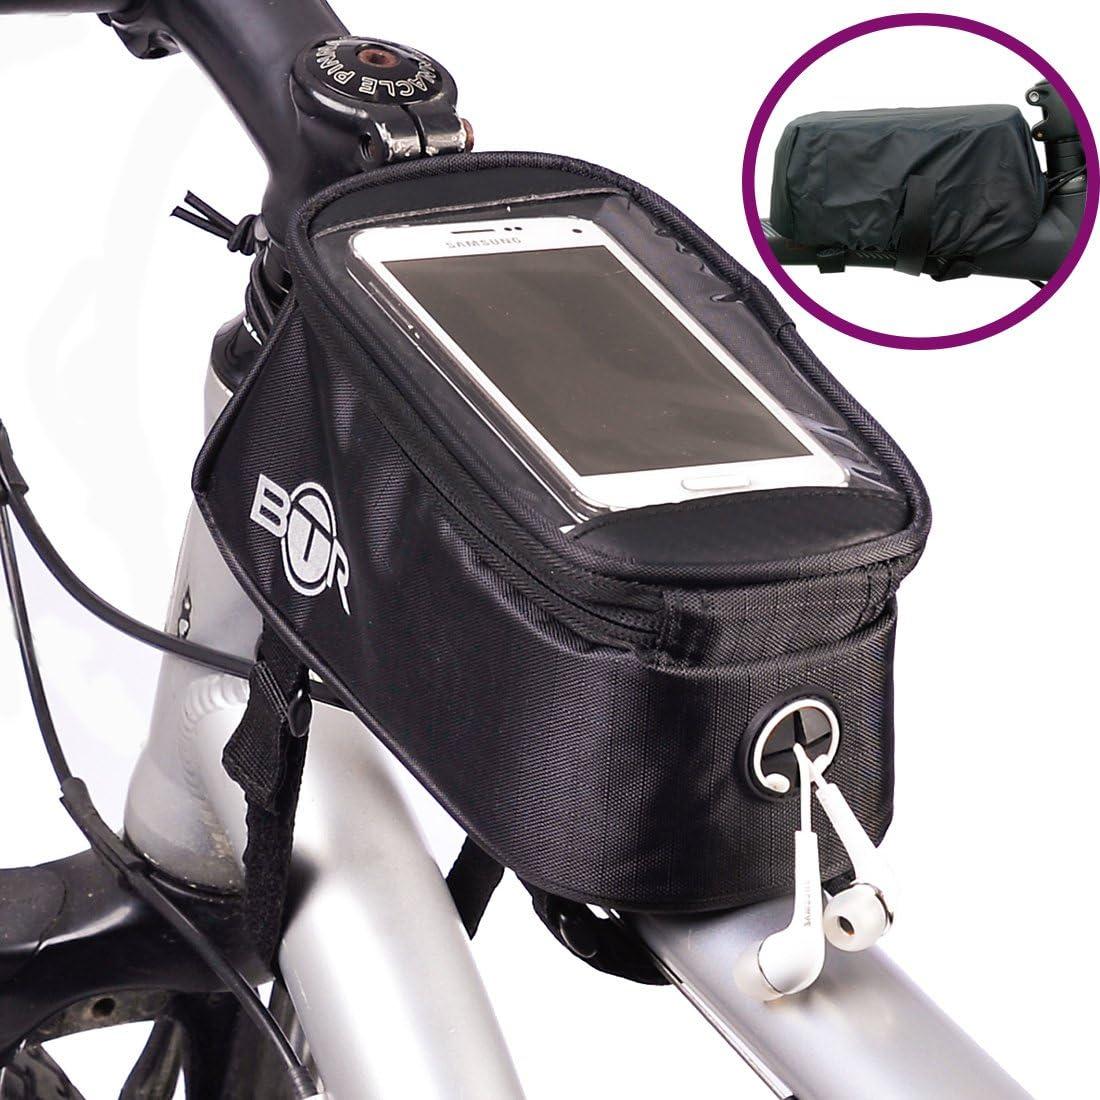 BTR - Alforja Bolsa Funda Móvil para Tubo Superior de Cuadro de Bicicleta - Impermeable. Pequeño 2ª generación: Amazon.es: Deportes y aire libre